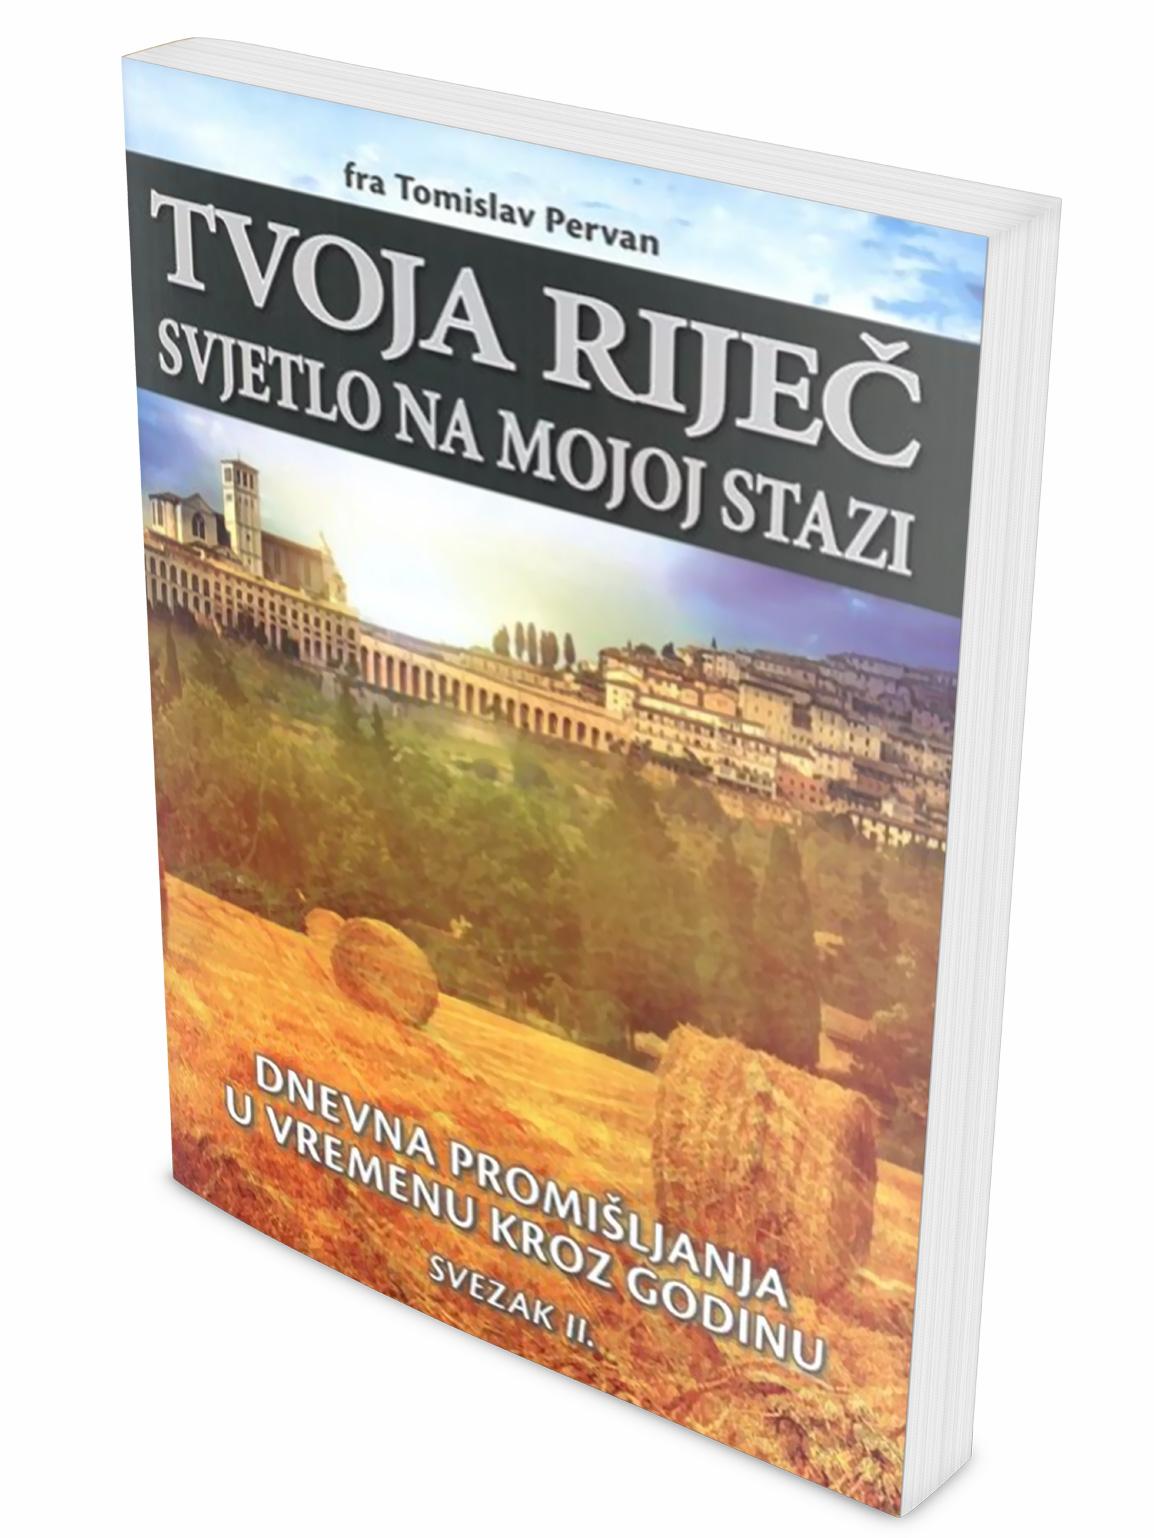 TVOJA RIJEČ SVJETLO NA MOJOJ STAZI (svezak II.) : Dnevna promišljanja u vremenu kroz godinu 18. - 34. tjedan - fra Tomislav Pervan